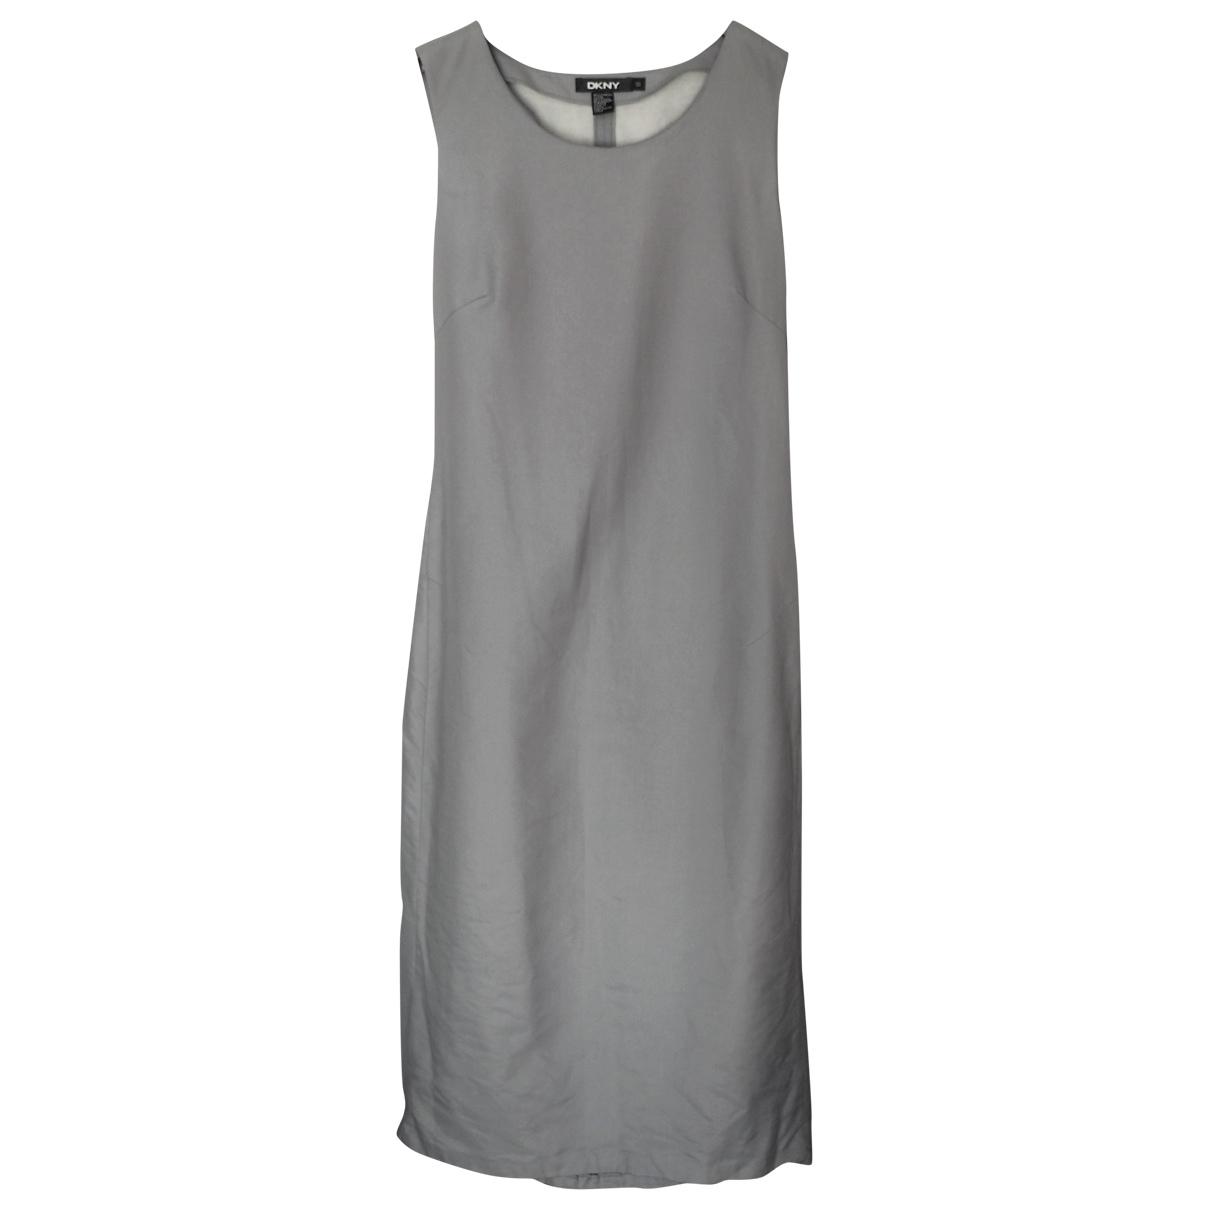 Dkny \N Kleid in  Grau Baumwolle - Elasthan